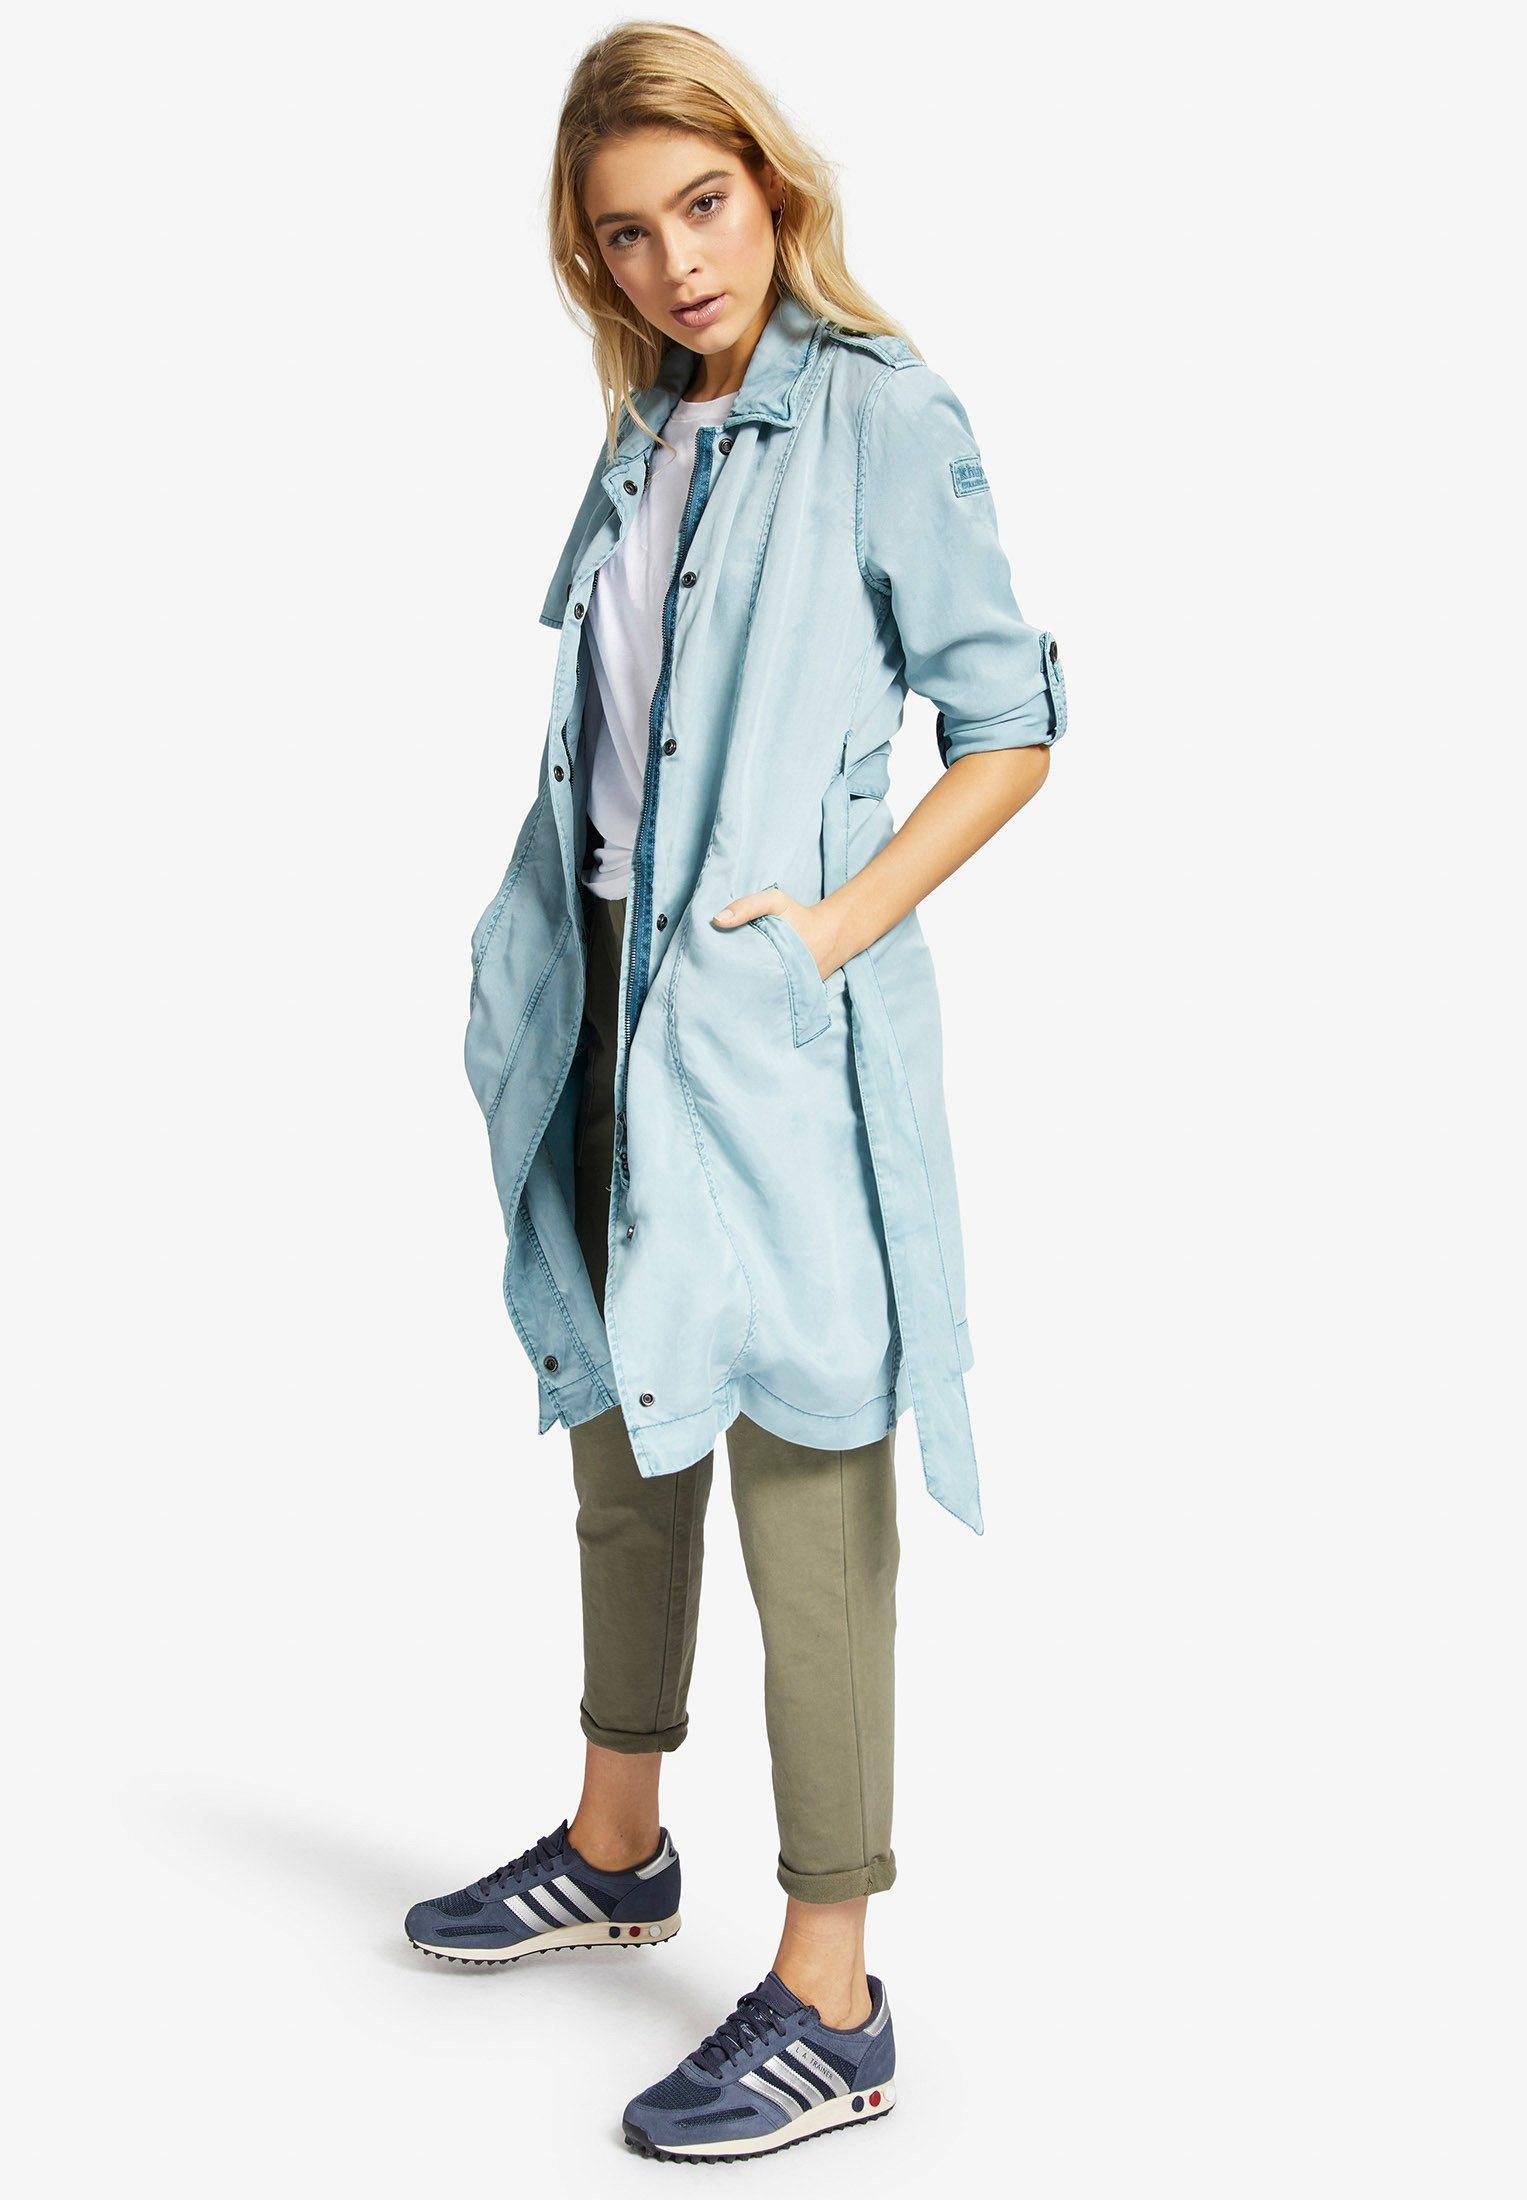 khujo Trenchcoat »MITUVIA WITH BELT«, mit Riegeln zum Umschlagen der Ärmel | Bekleidung > Mäntel > Trenchcoats | khujo